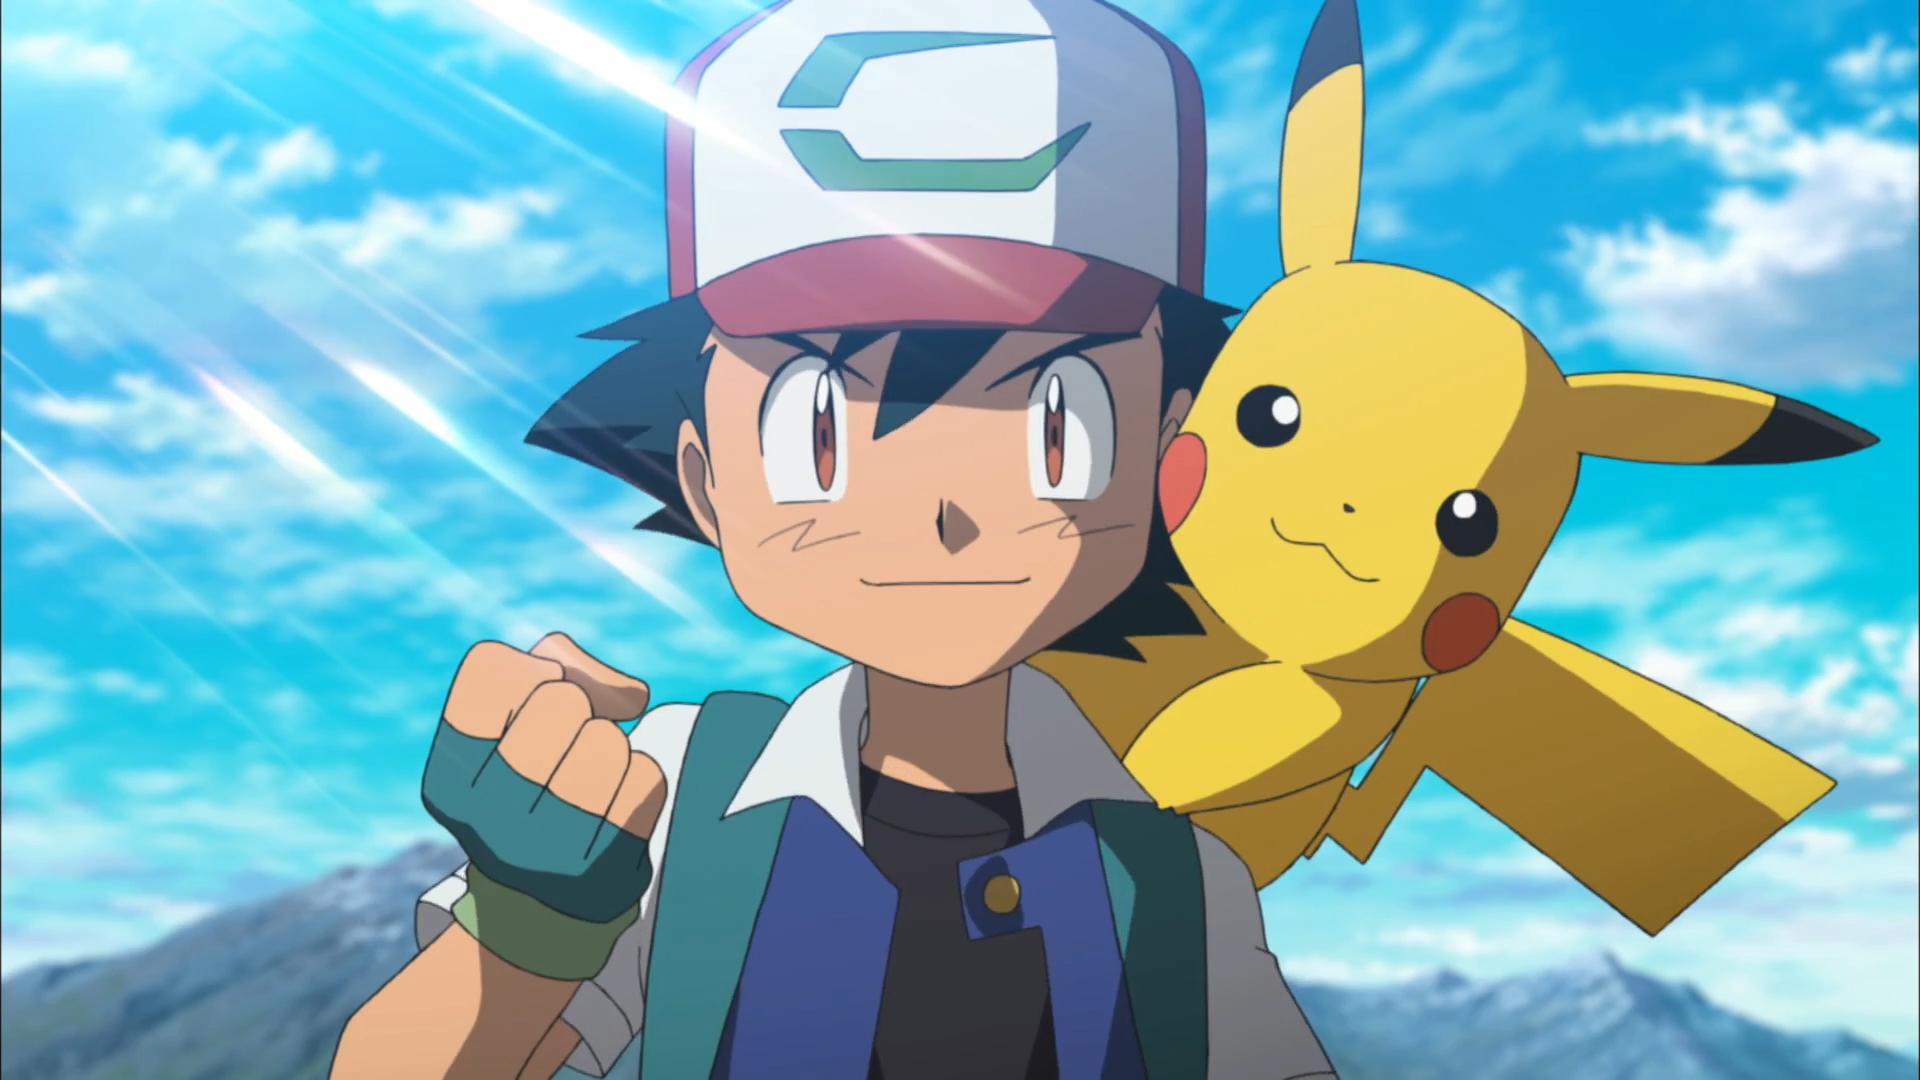 """Quay ngược thời gian gặp lại Pikachu lần đầu tiên trong """"Pokémon: Tớ Chọn Cậu!"""" - Ảnh 7."""